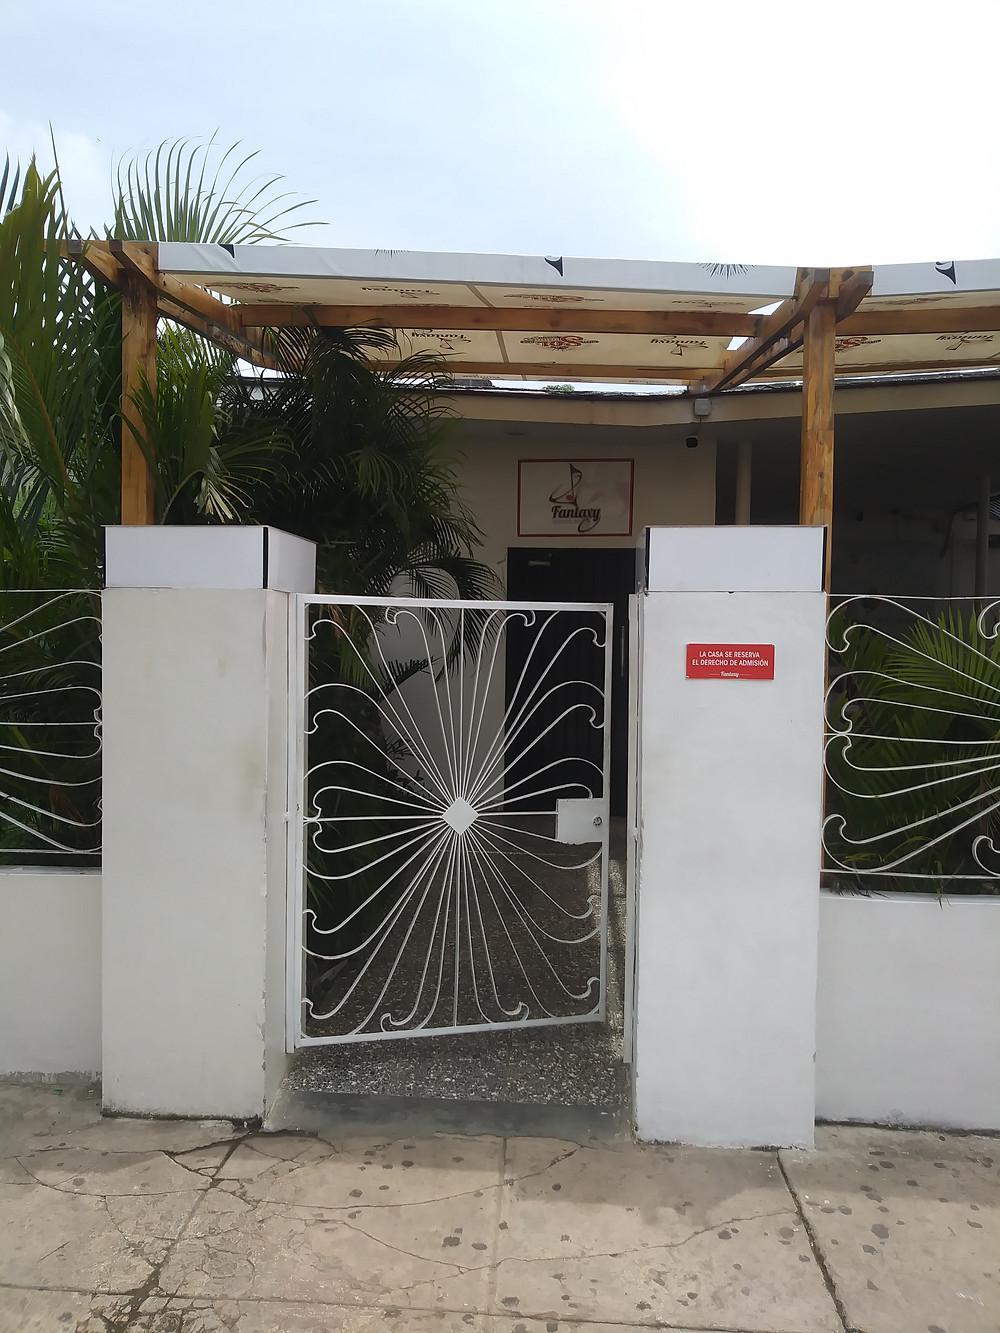 FANTAXY NIGHTCLUB HAVANA CUBA   www.cubatraveltrips.com